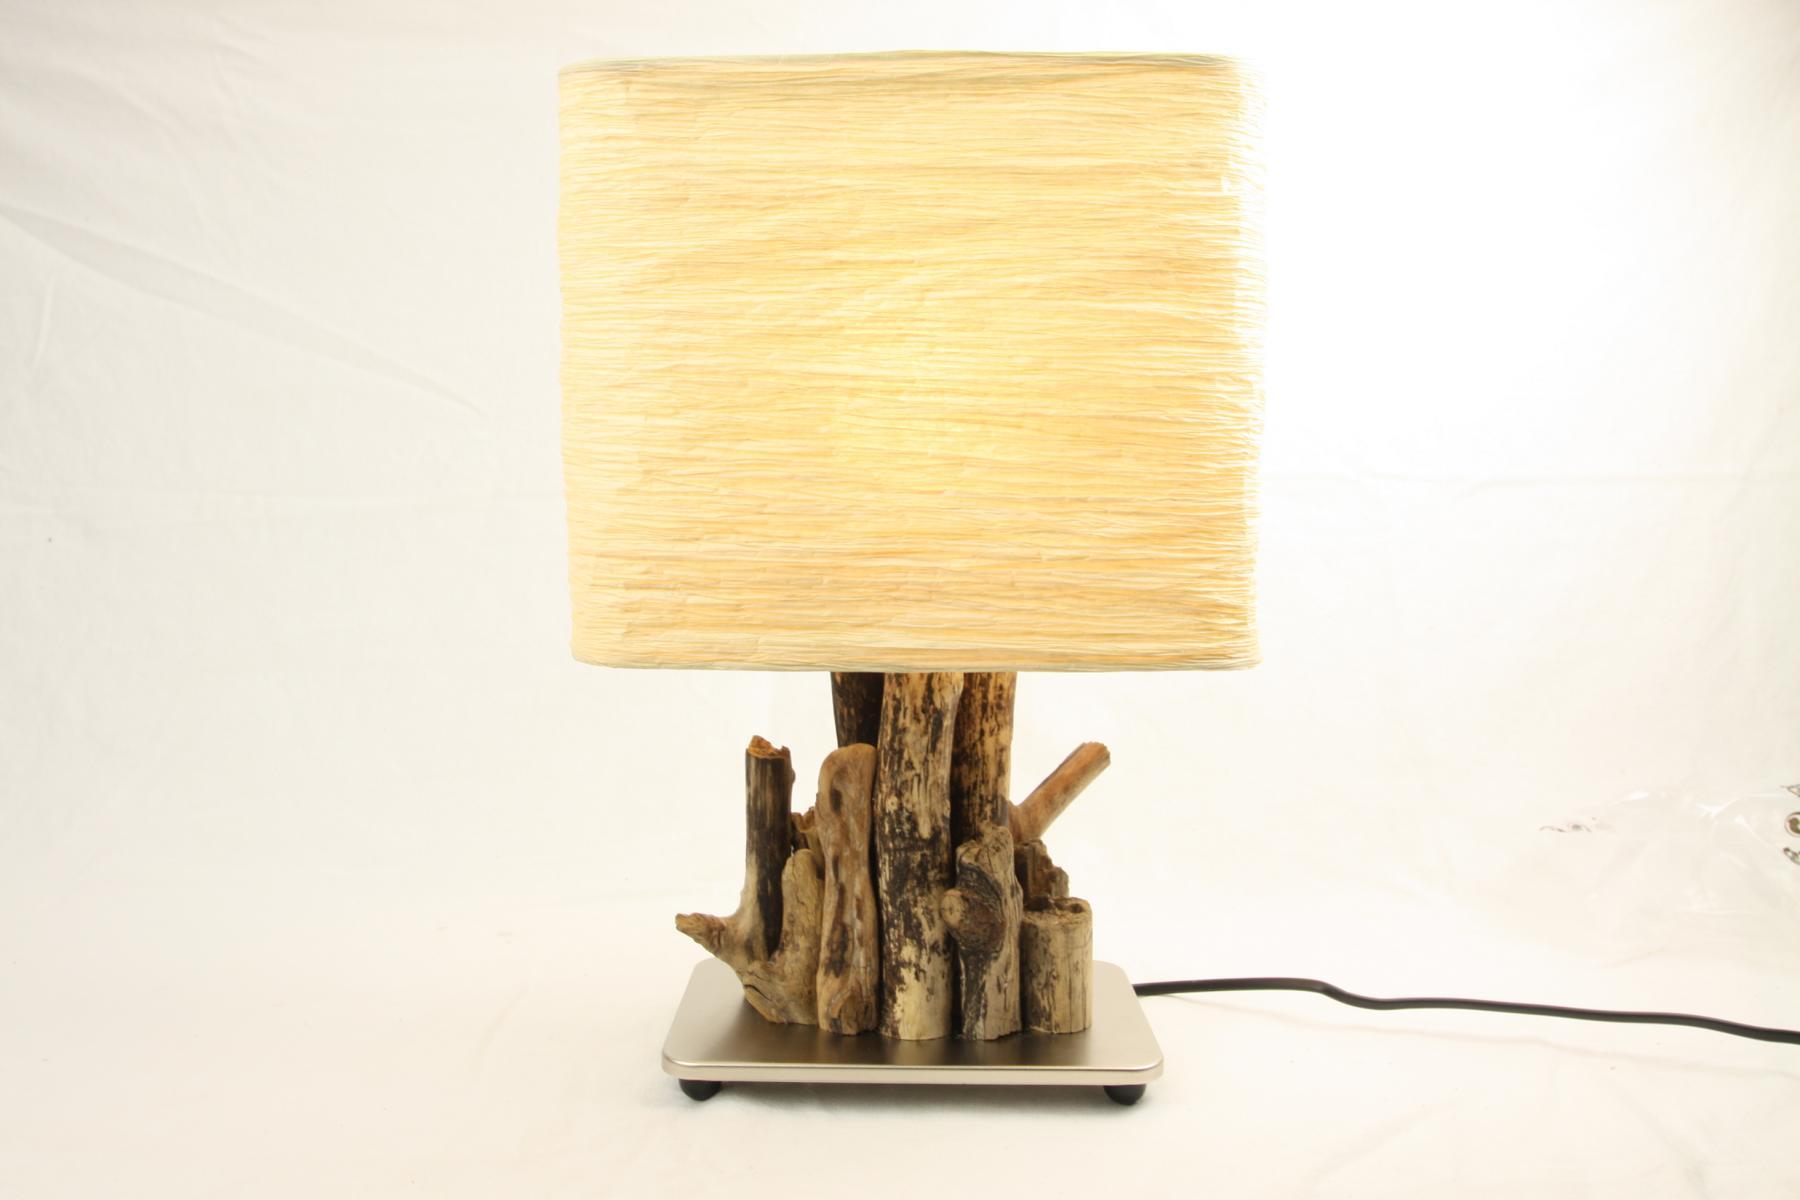 Led Lampe Wohnzimmer mit perfekt design für ihr haus ideen